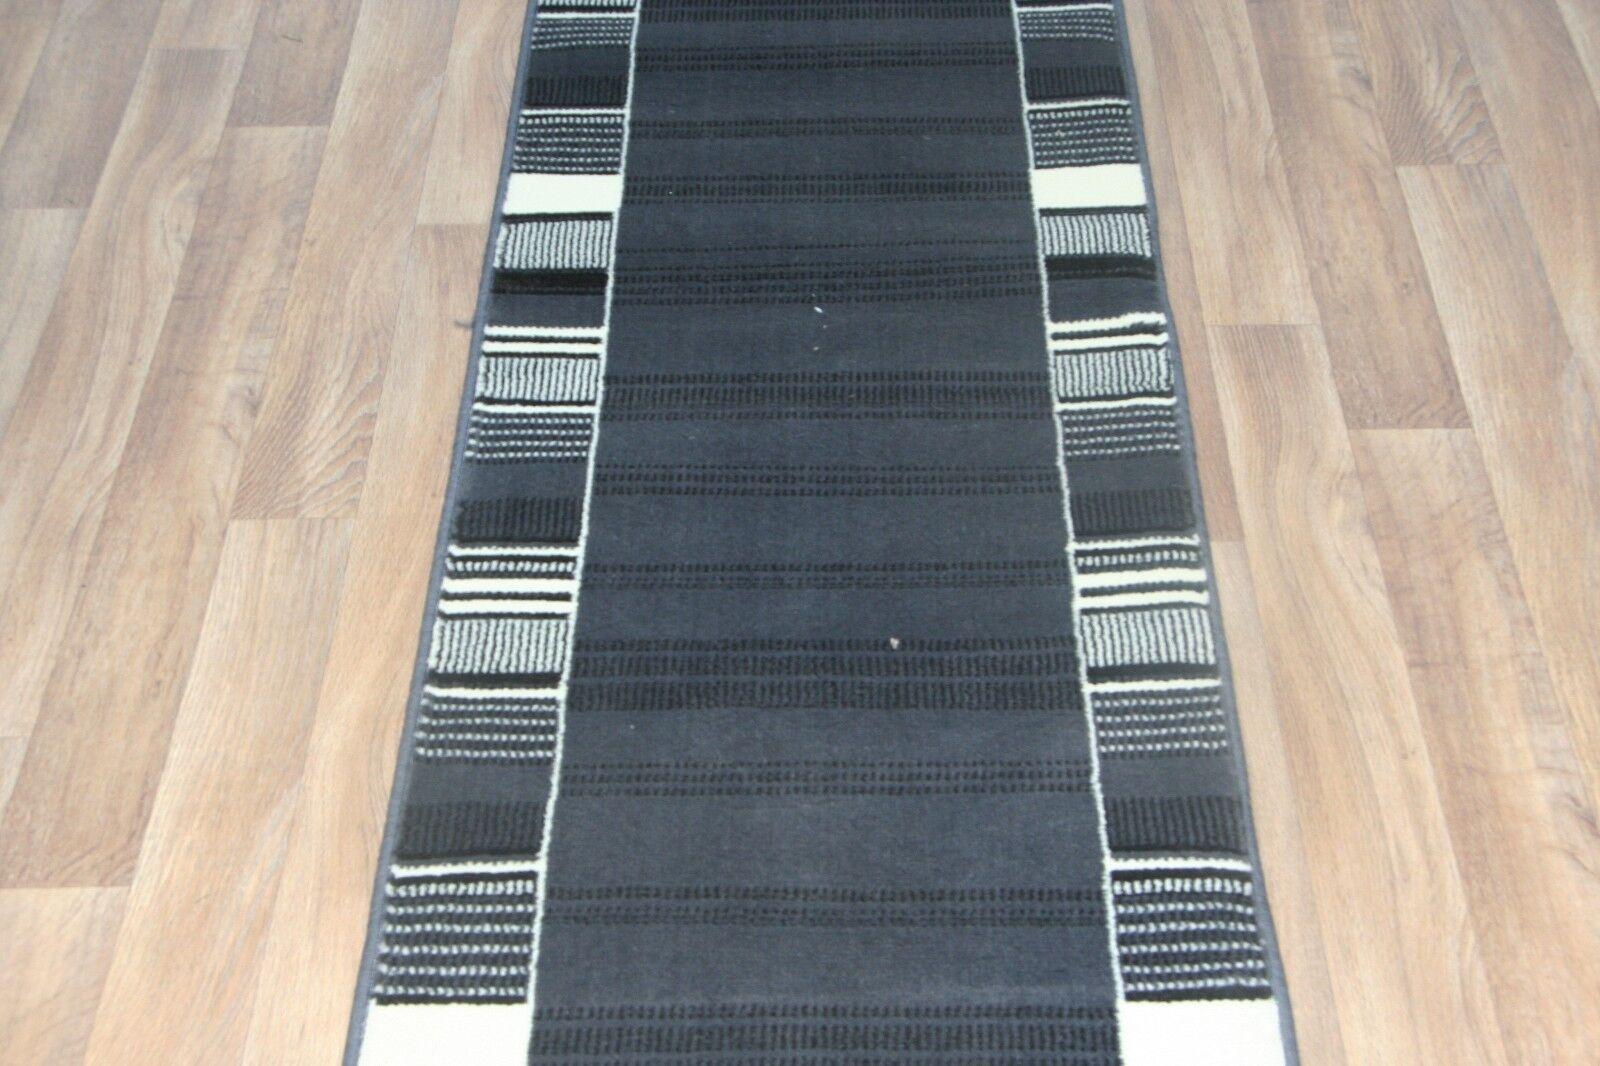 Hall/Escaliers Tapis coureur tendance toute taille x cm 60 cm x 4 Couleurs escaliers Runner 729481